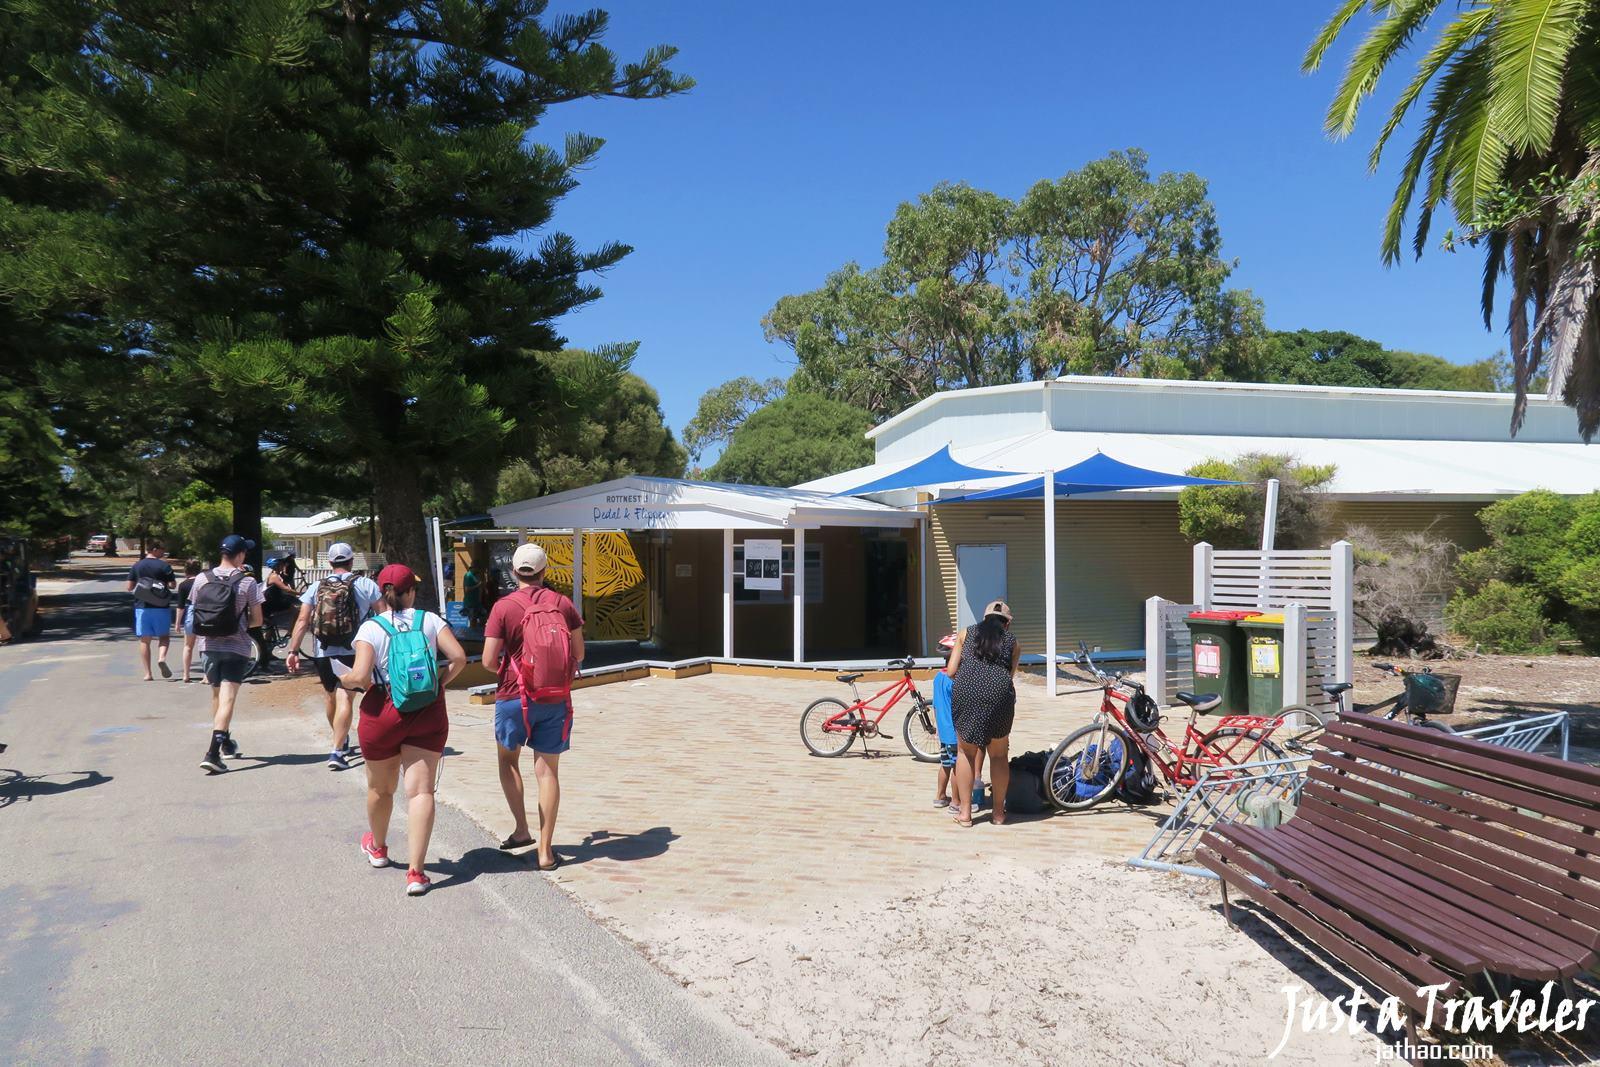 澳洲-西澳-伯斯-景點-羅特尼斯島-Rottnest Island-自行車-腳踏車-推薦-自由行-交通-旅遊-遊記-攻略-行程-一日遊-二日遊-必玩-必遊-Perth